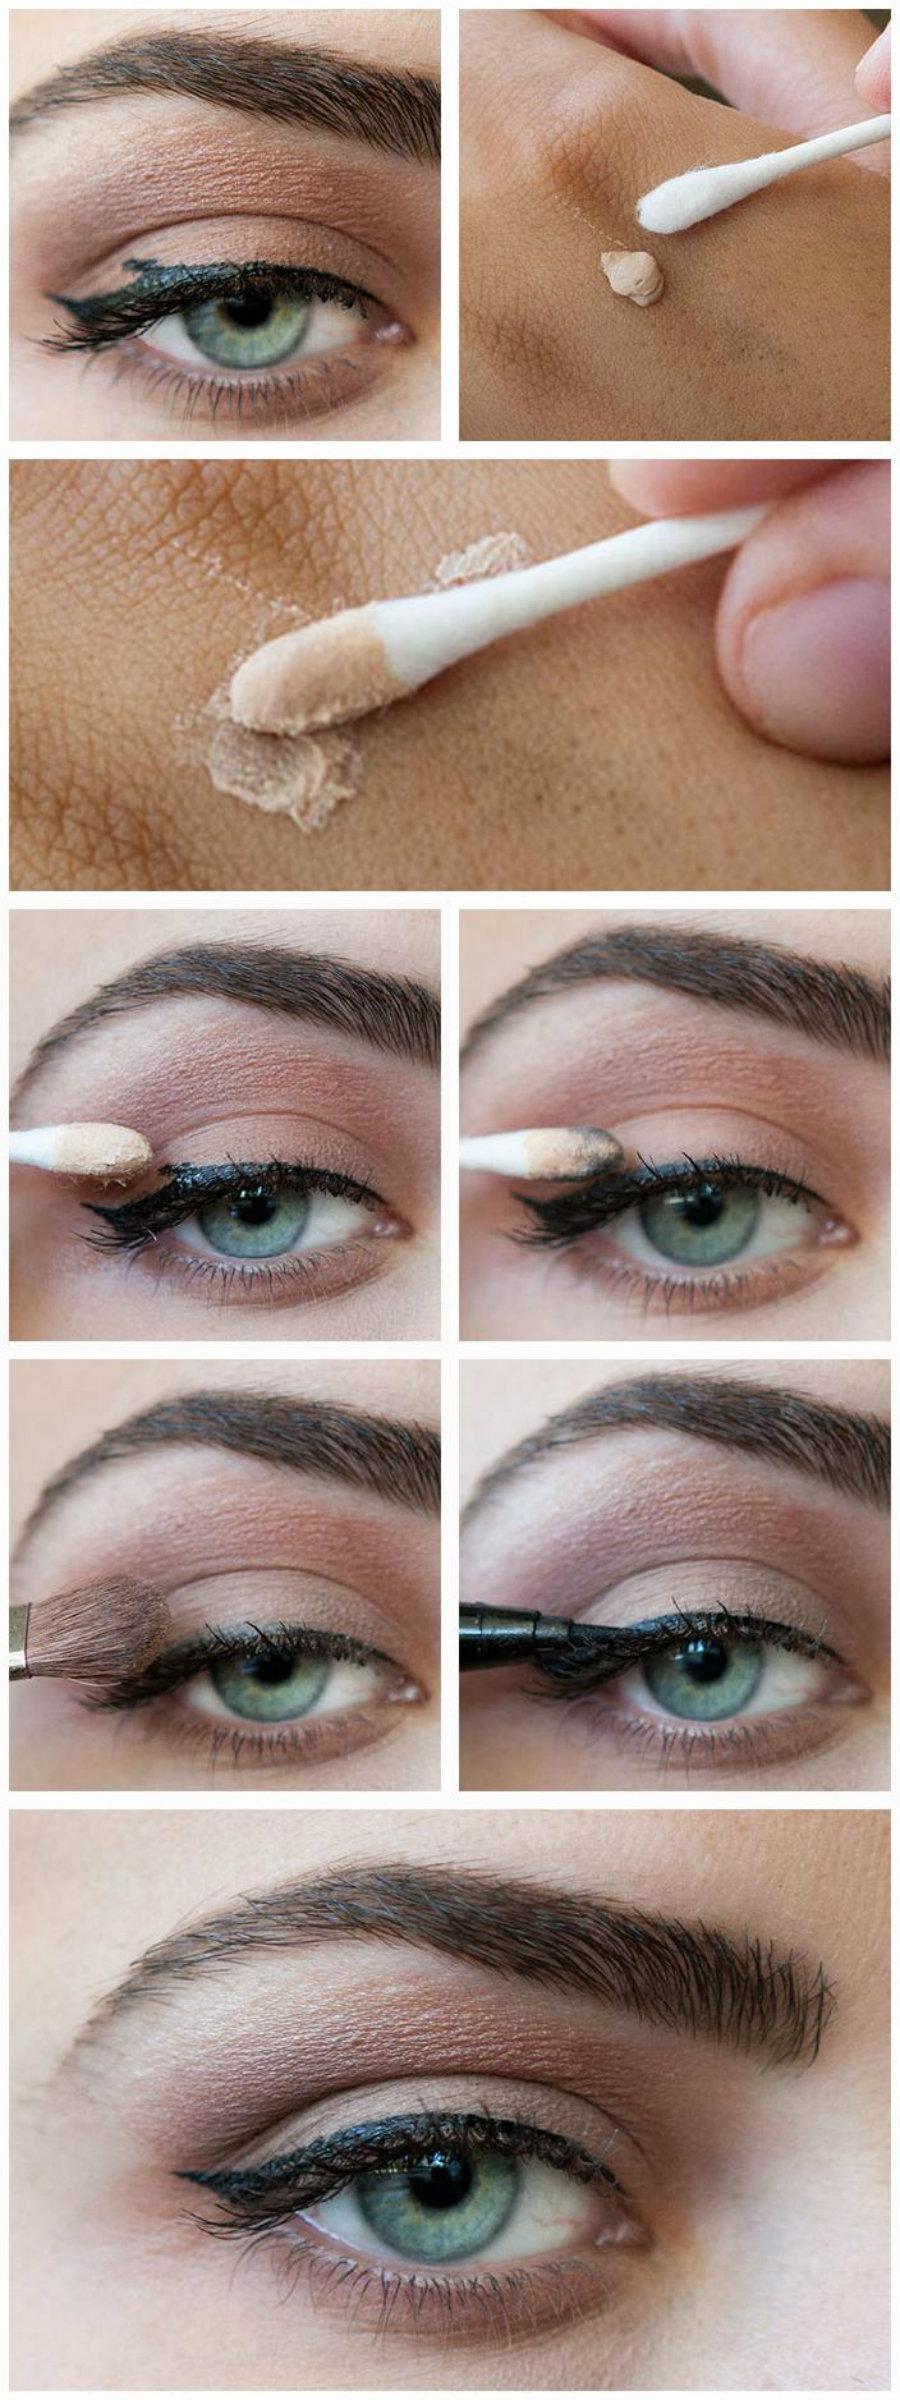 cách kẻ mắt đơn giản 9